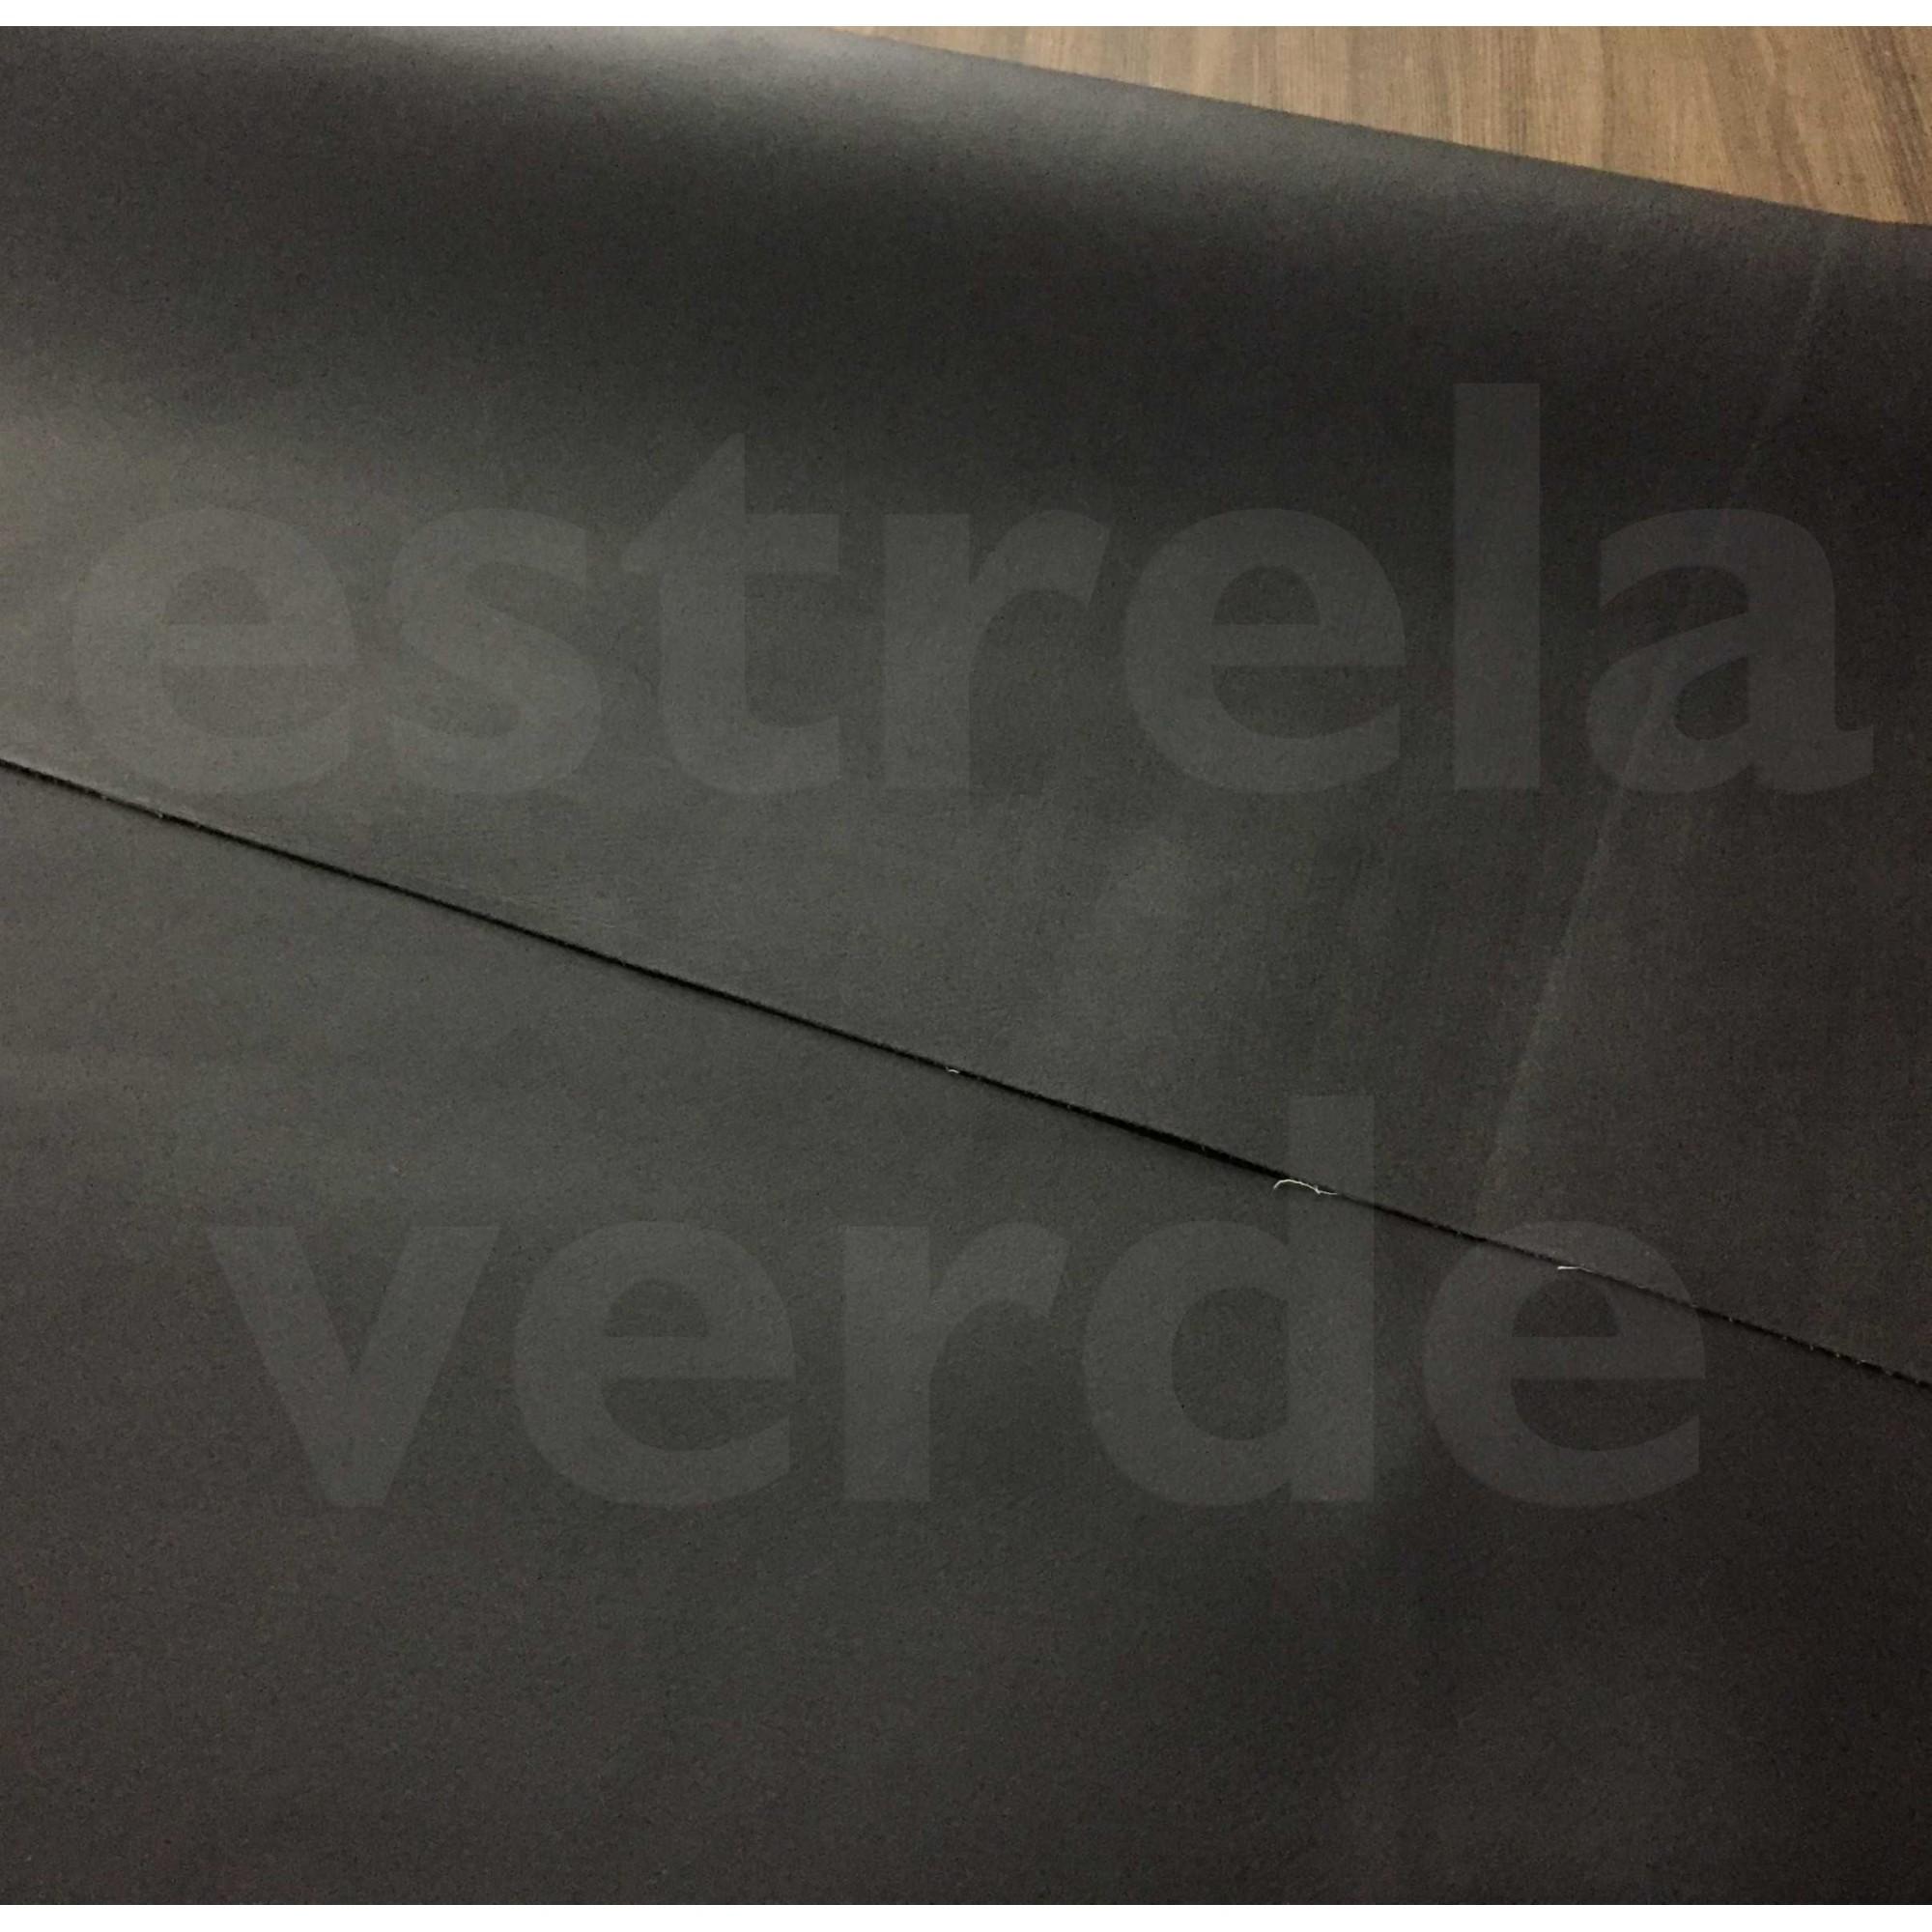 PISO PASSADEIRA LISA LINOLEO PRETA FOSCA 0.7MM 1,4  - Estrela Verde